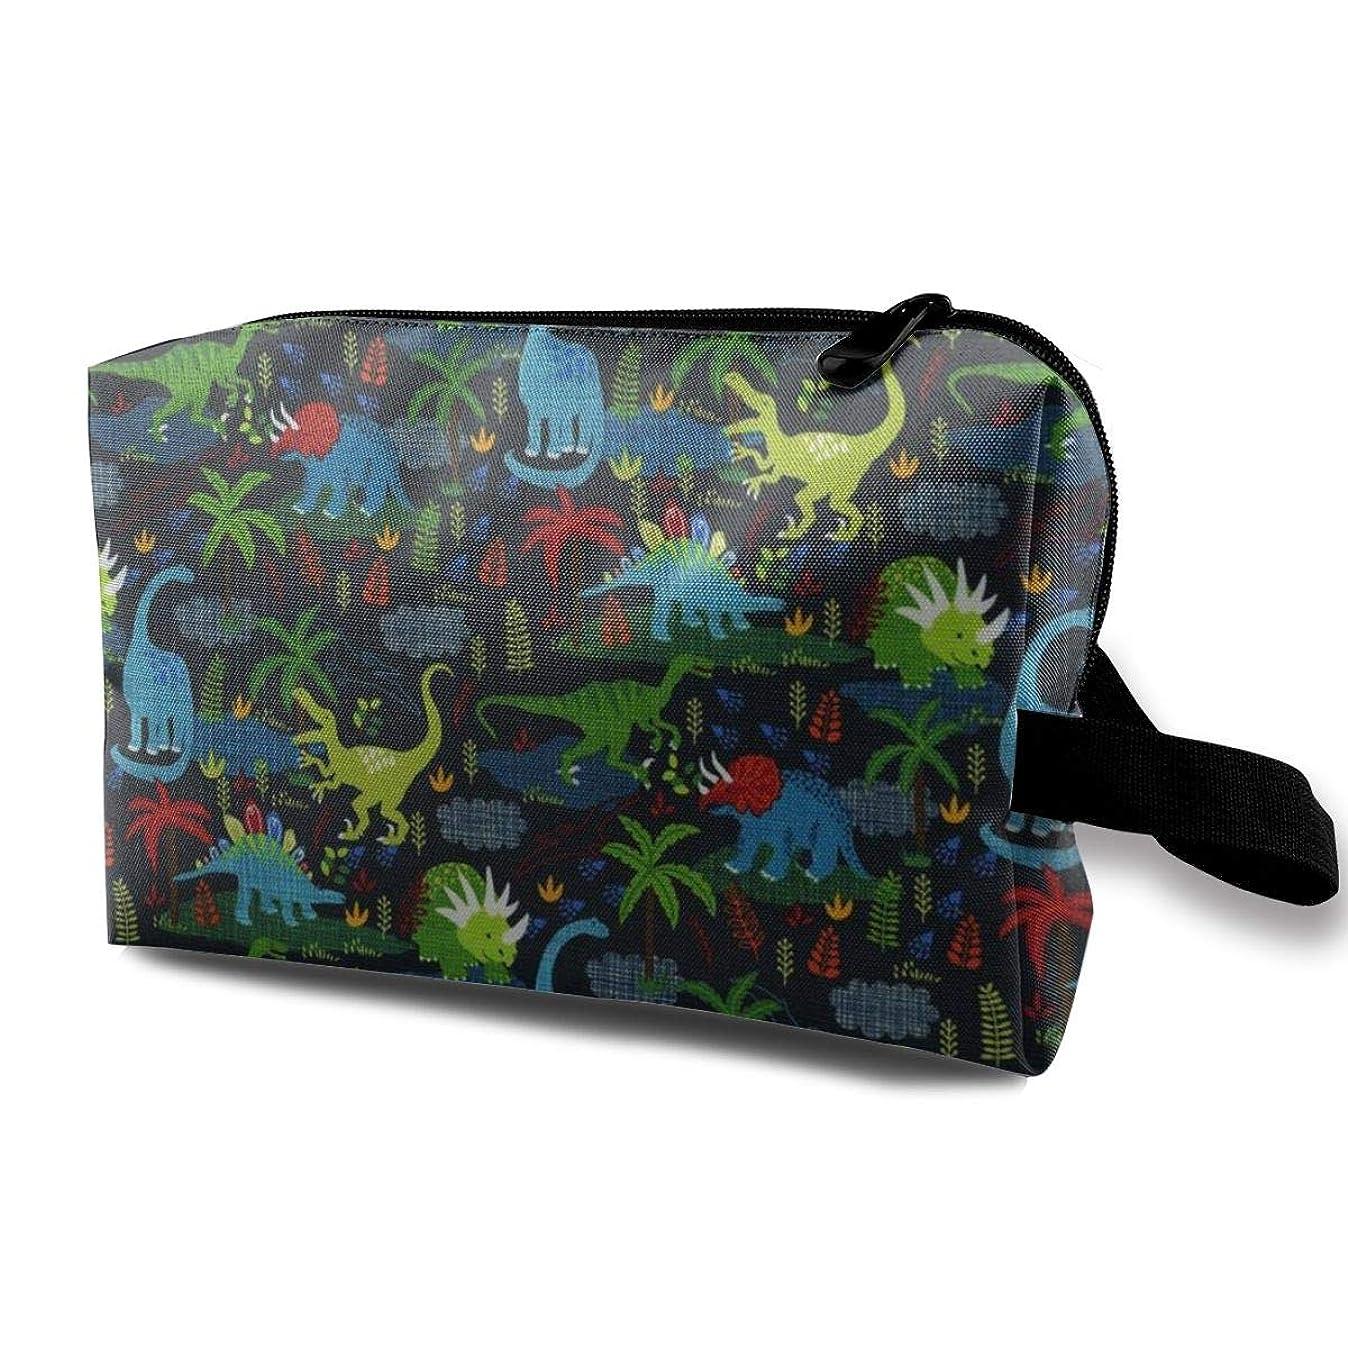 ねばねばジェームズダイソン不完全な恐竜と植物 化粧ポーチ トイレタリーバッグ トラベルポーチ 洗面用具入れ フルメイクセットバッグ 大容量 化粧品収納 出張 海外 旅行グッズ 育児グッズ レディース インナーバッグ